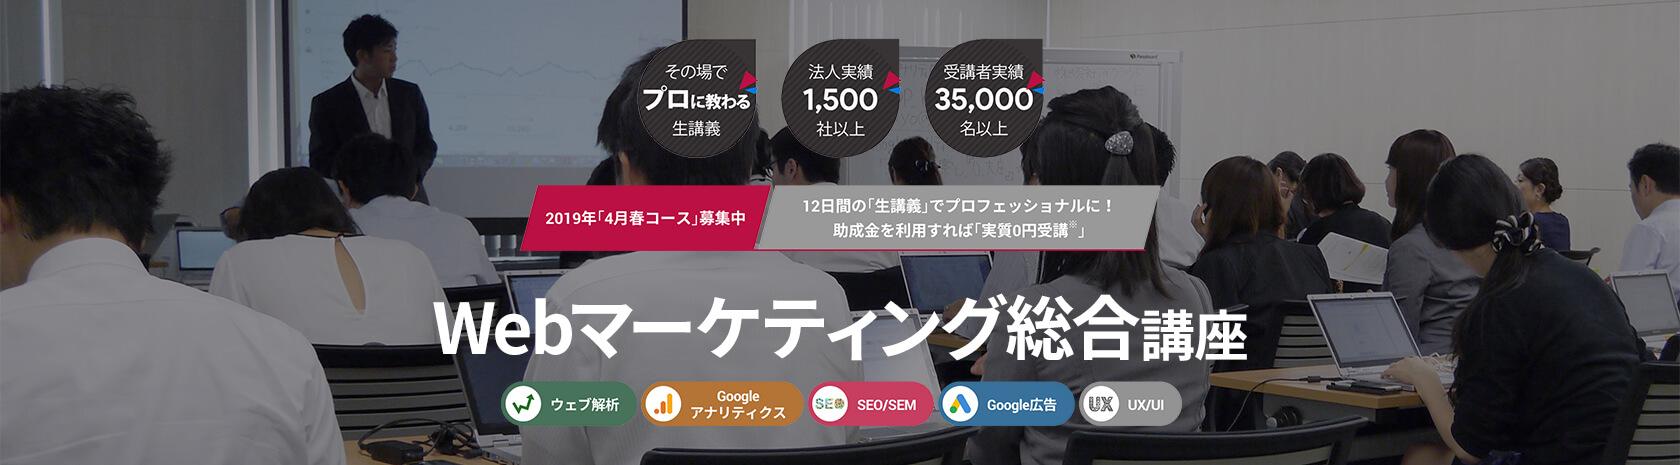 Webマーケティングを体系的に学べる講座です。1,500社、35,000名以上の研修実績!!東京開催